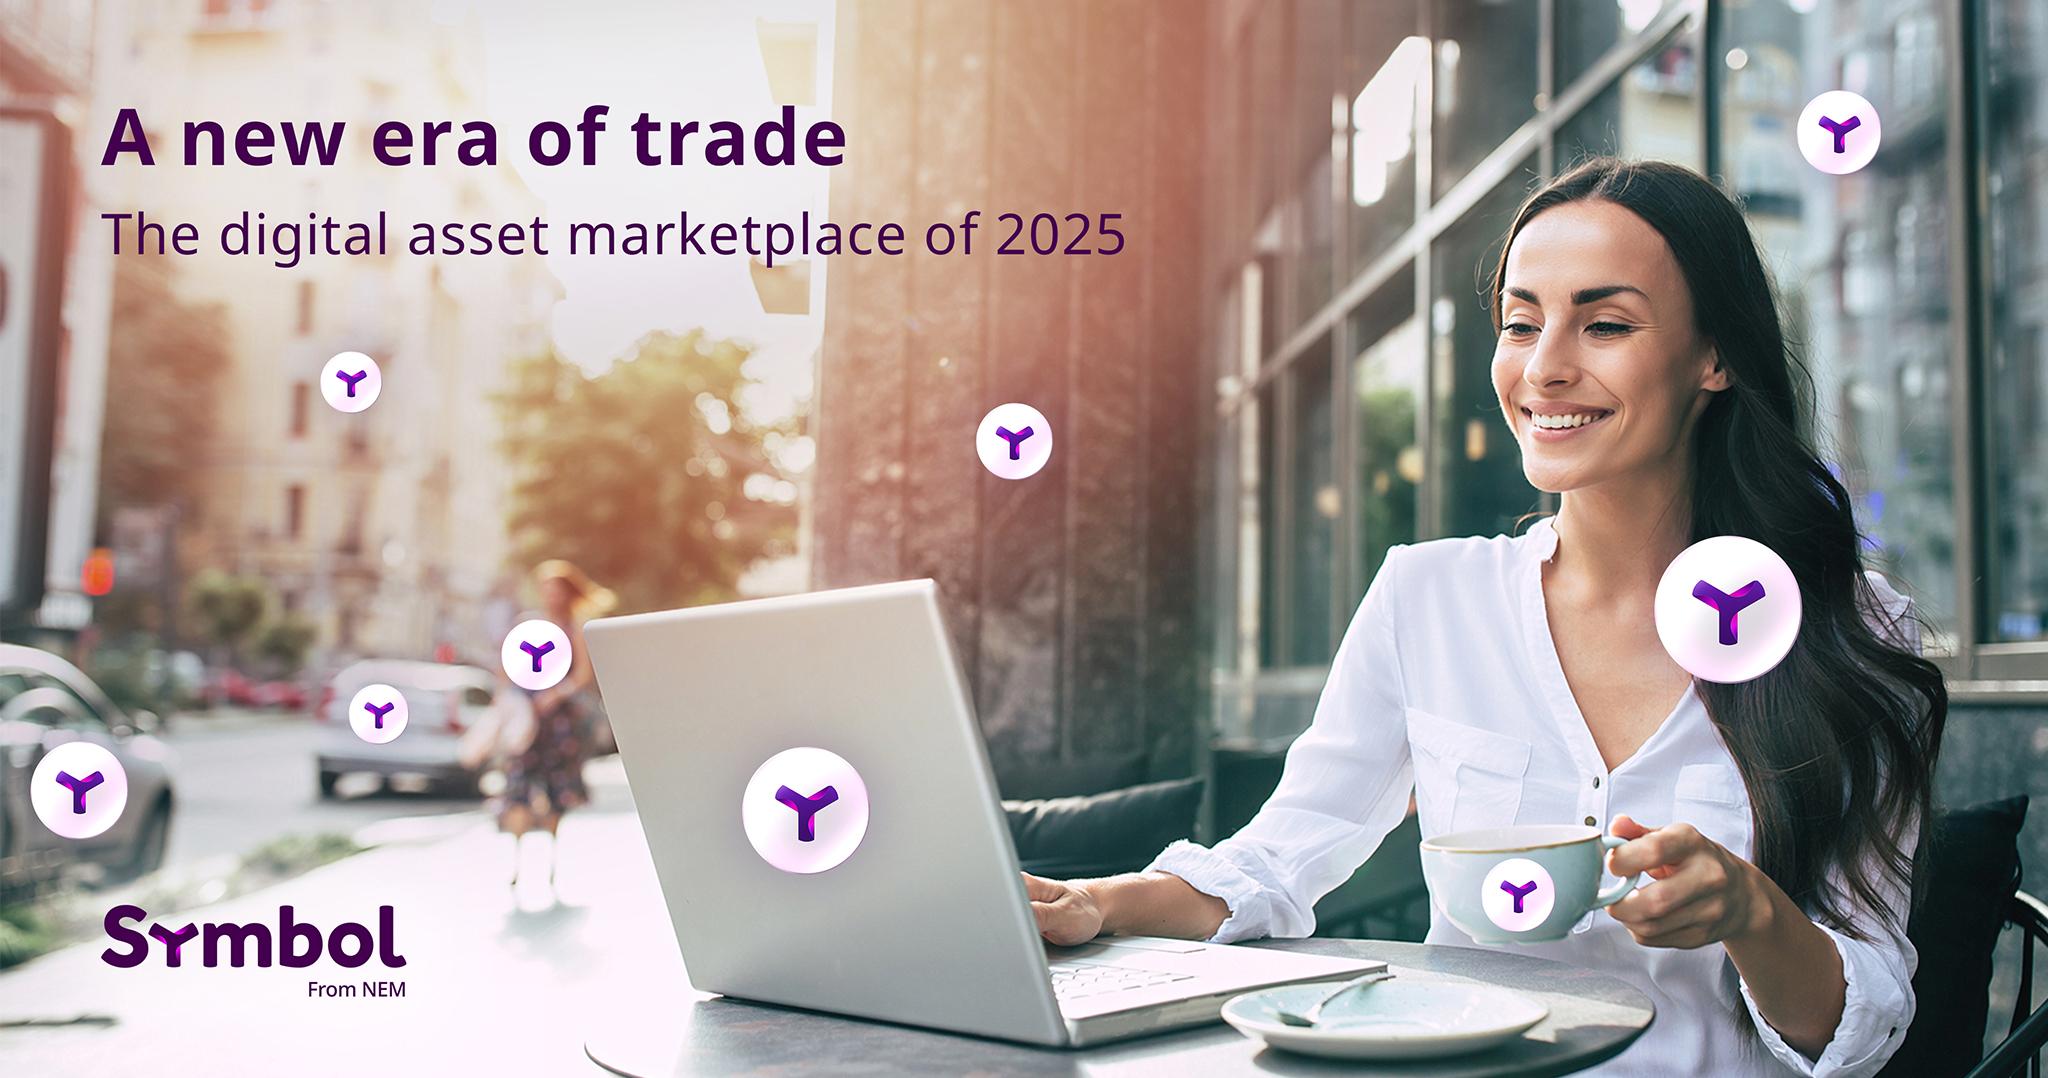 贸易的新时代:2025年令人难以置信的资产市场